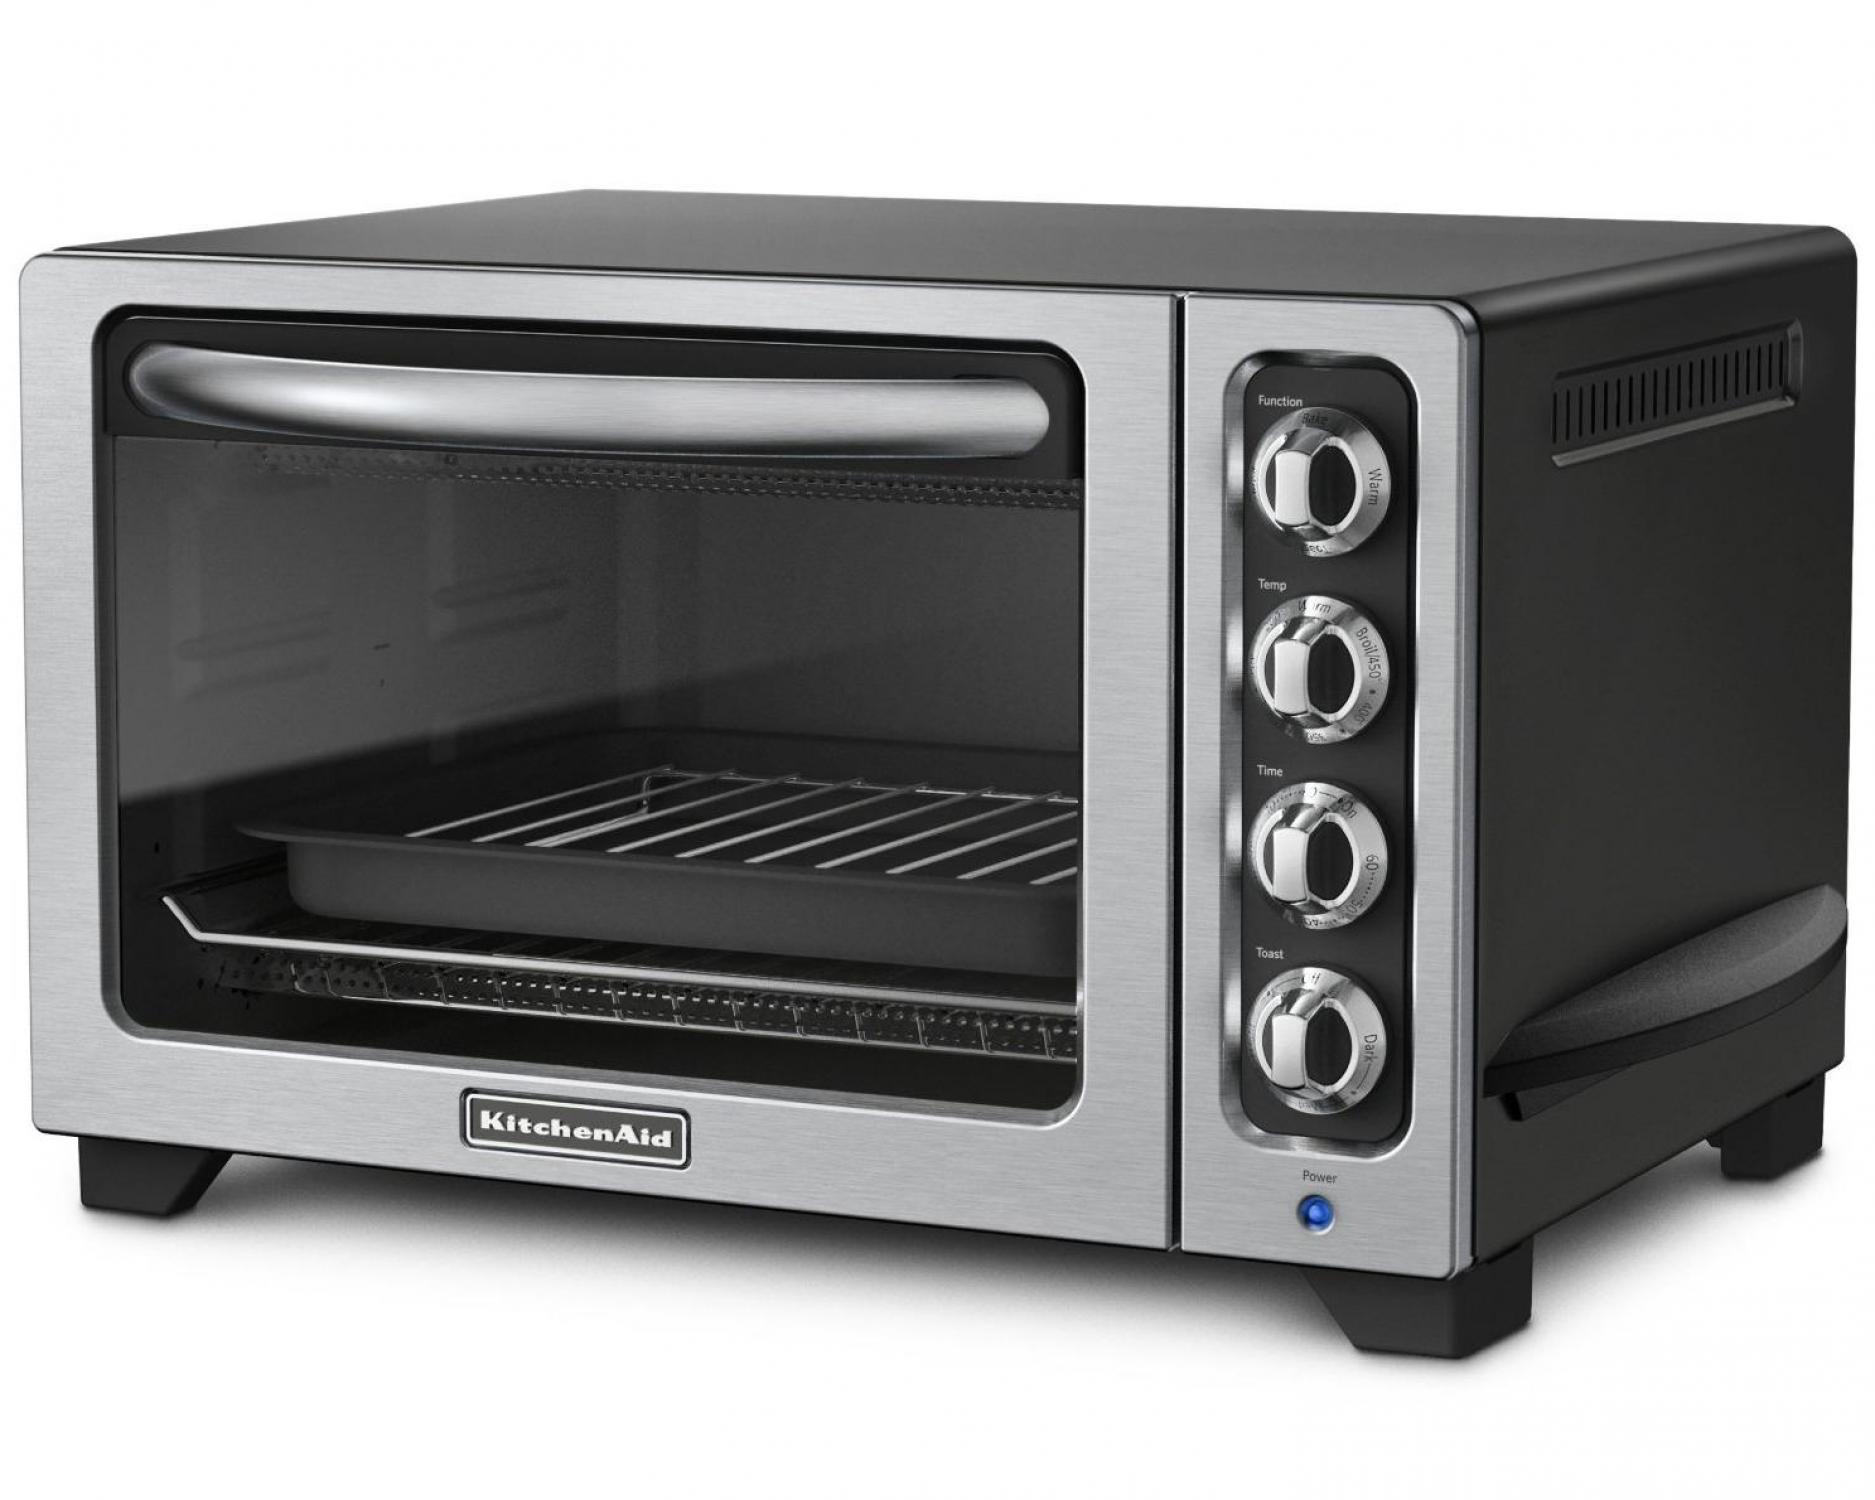 KitchenAid 12 Countertop Toaster Oven Walmart